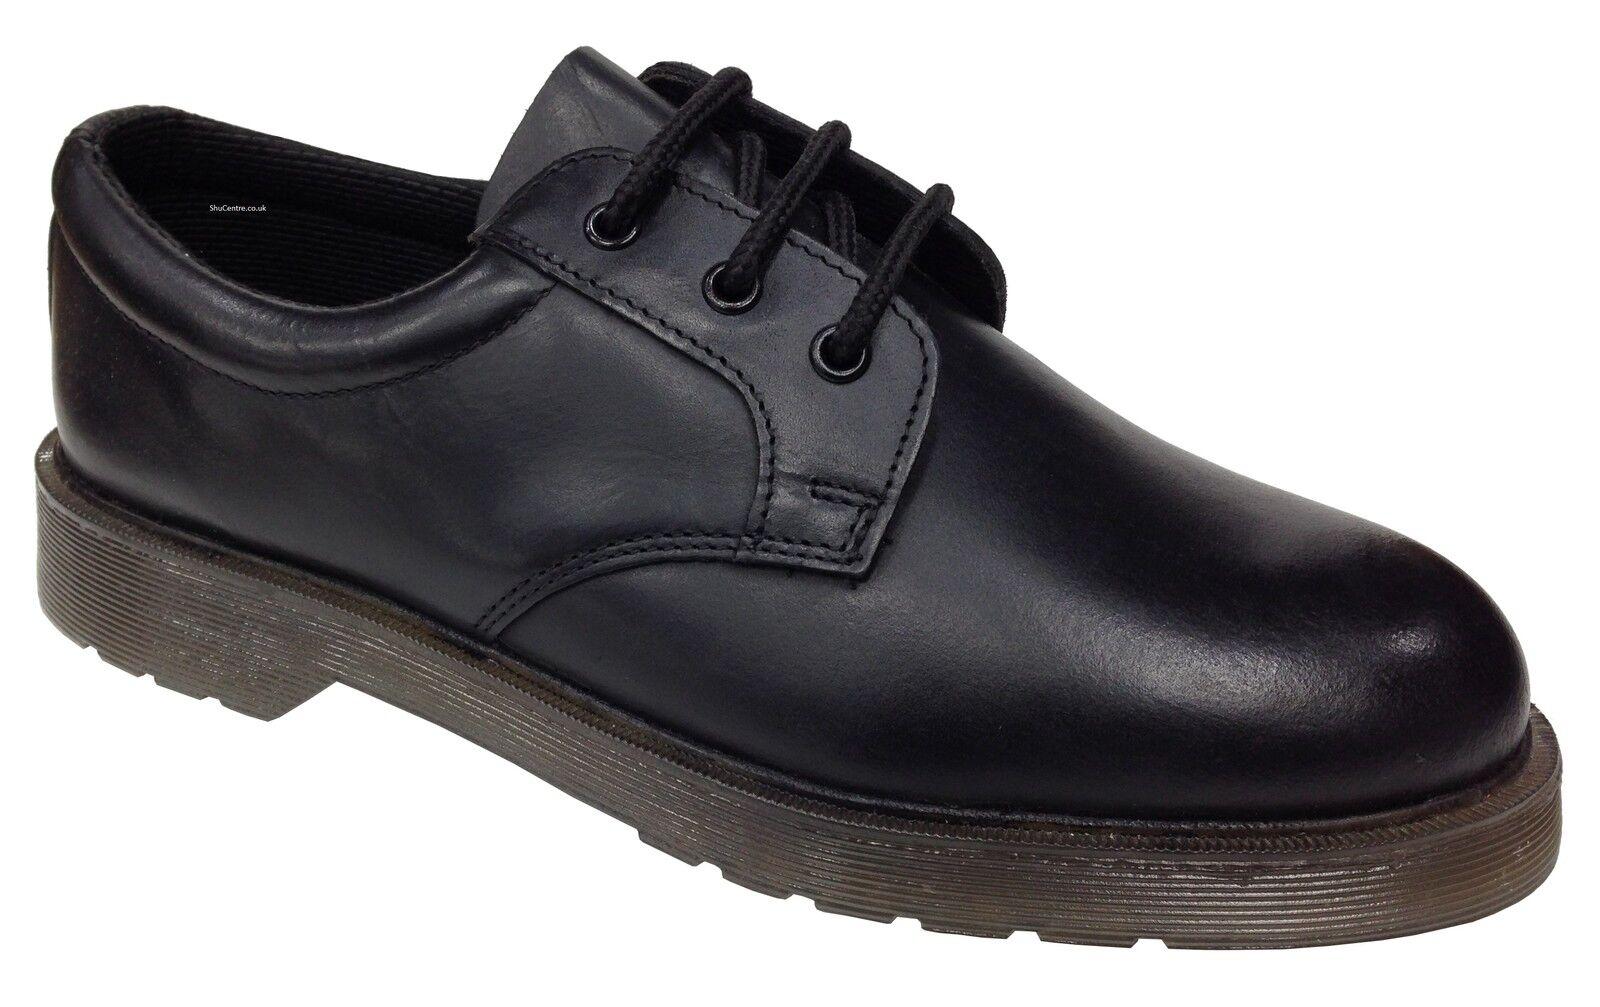 Grafters STYLISCH Uniform Schuhe schwarzes Sohle Leder Gepolsterter Kragen Luft Sohle schwarzes f00f3d